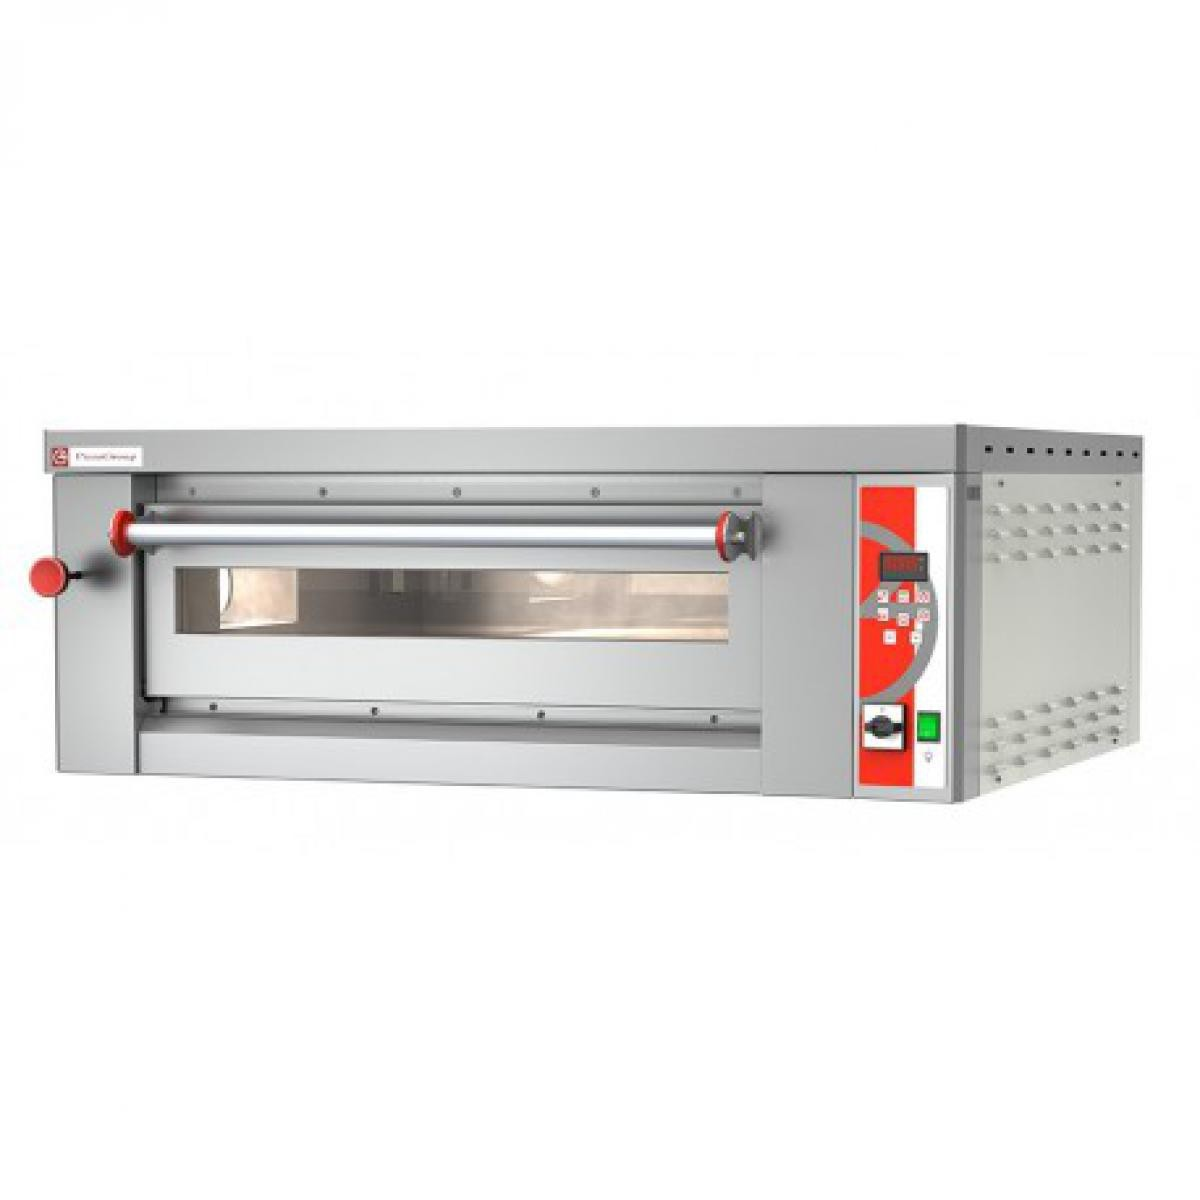 Mishky Four à pizza électrique pro - Modulaire 8,90 kW - Pizzagroup -